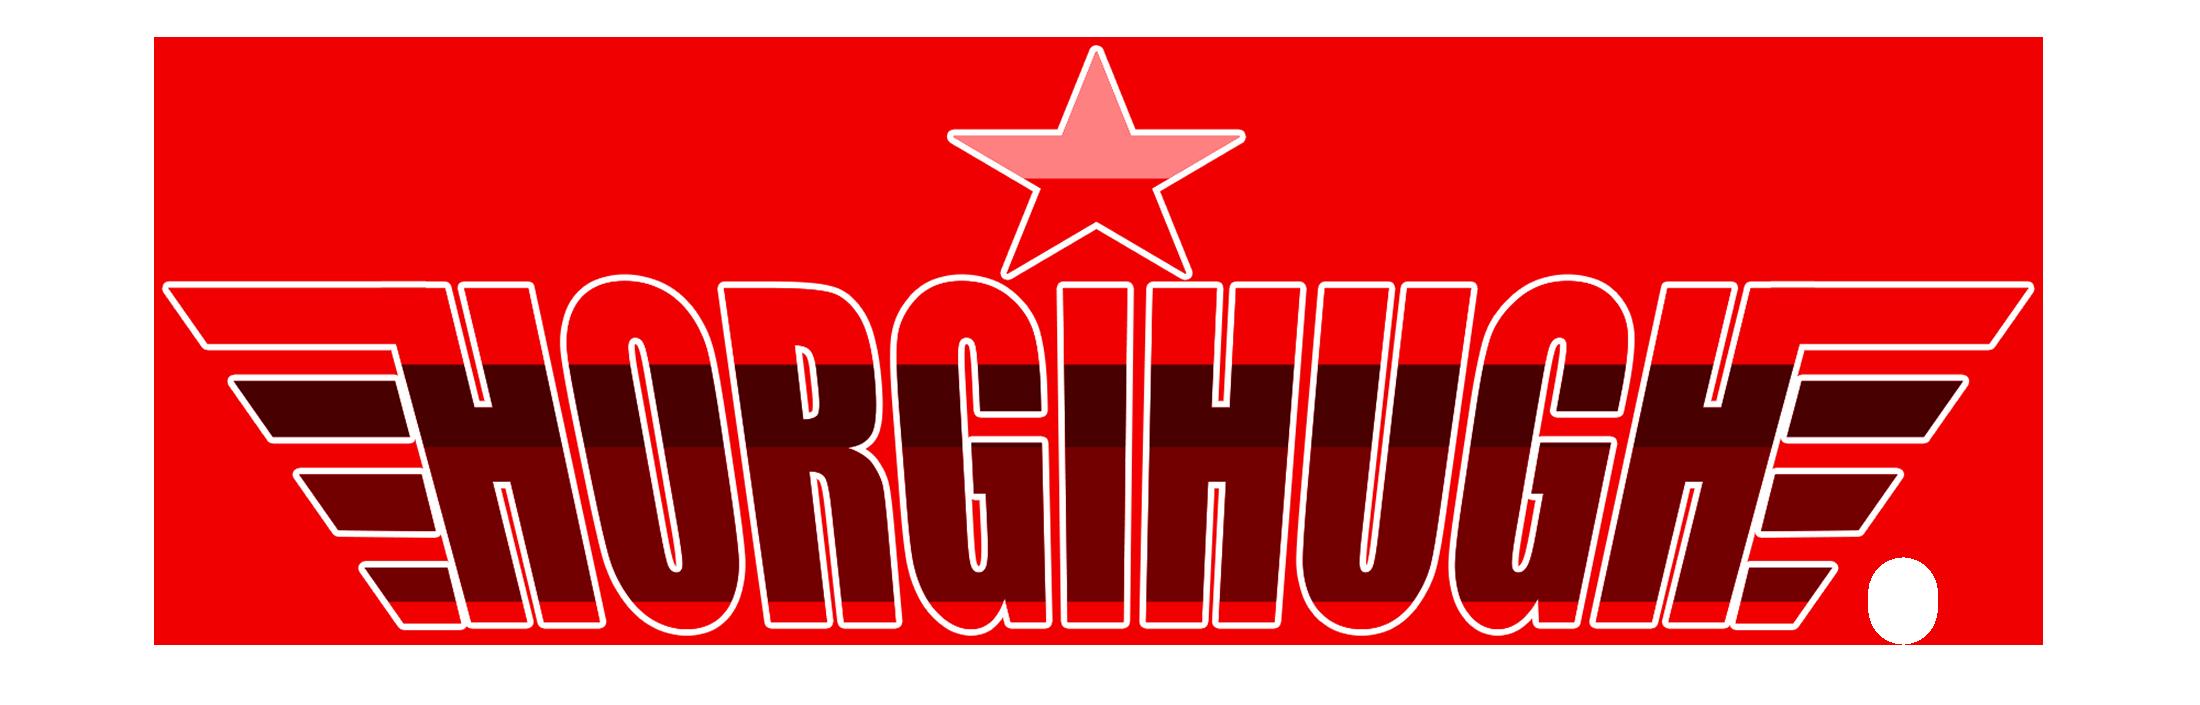 HORGIHUGH LOGO LARGE.png